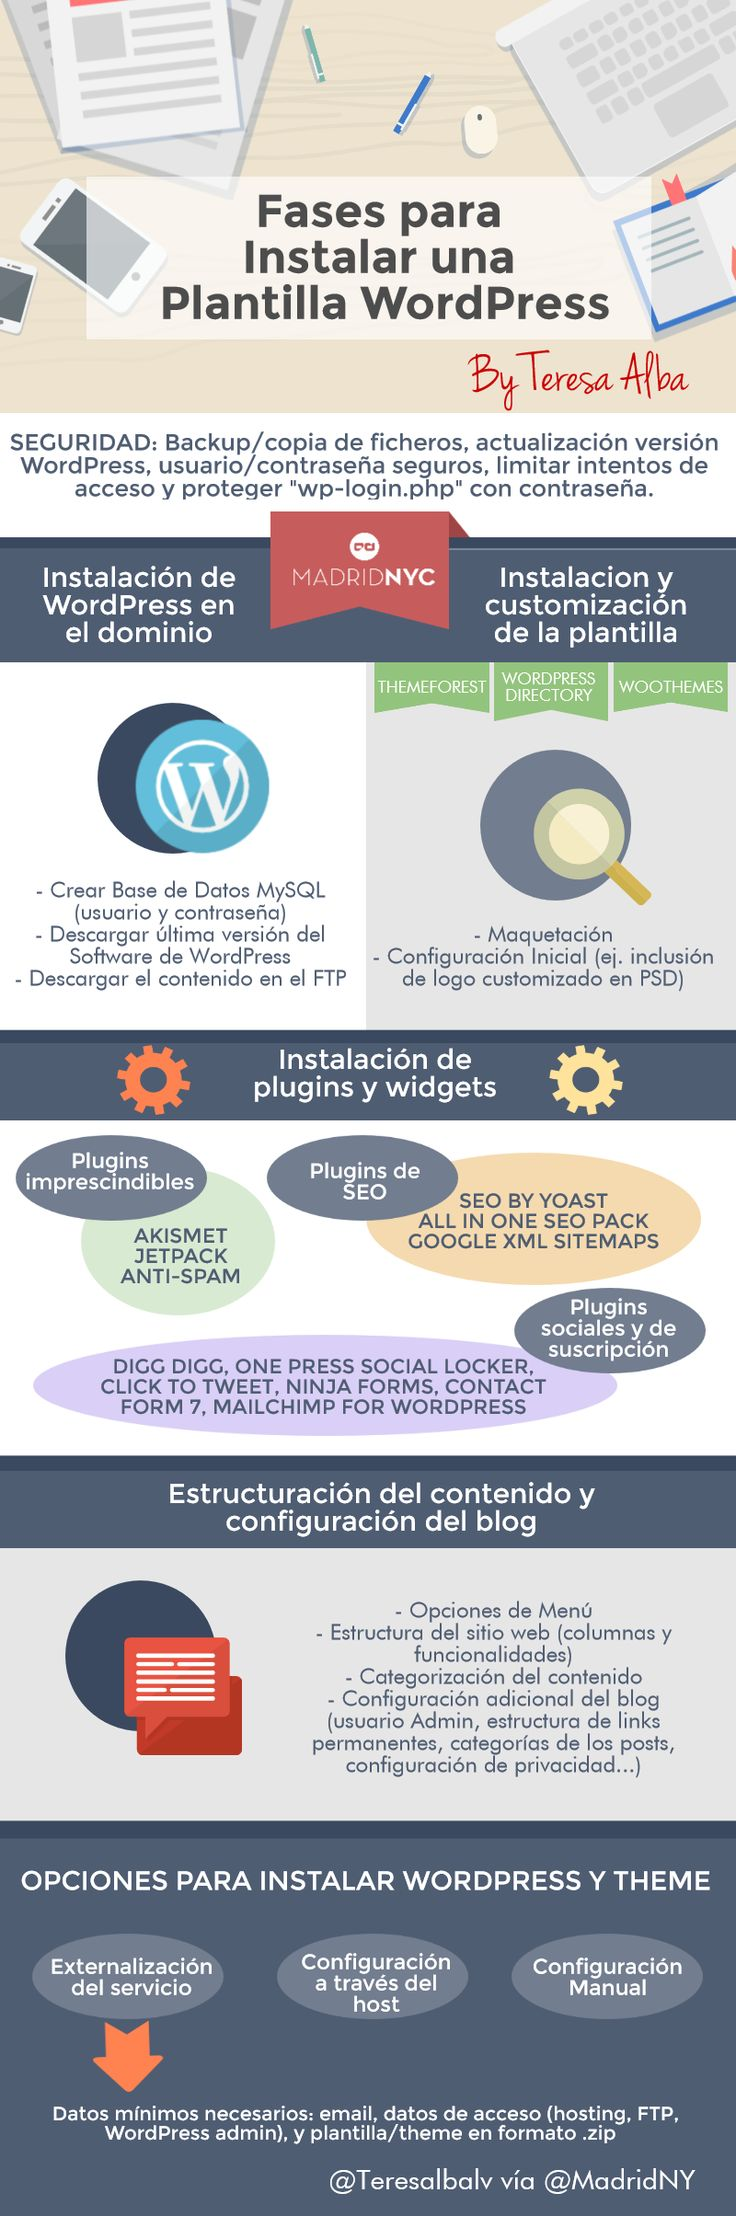 Fases para instalar una plantilla de WordPress #infografia #infographic #socialmedia